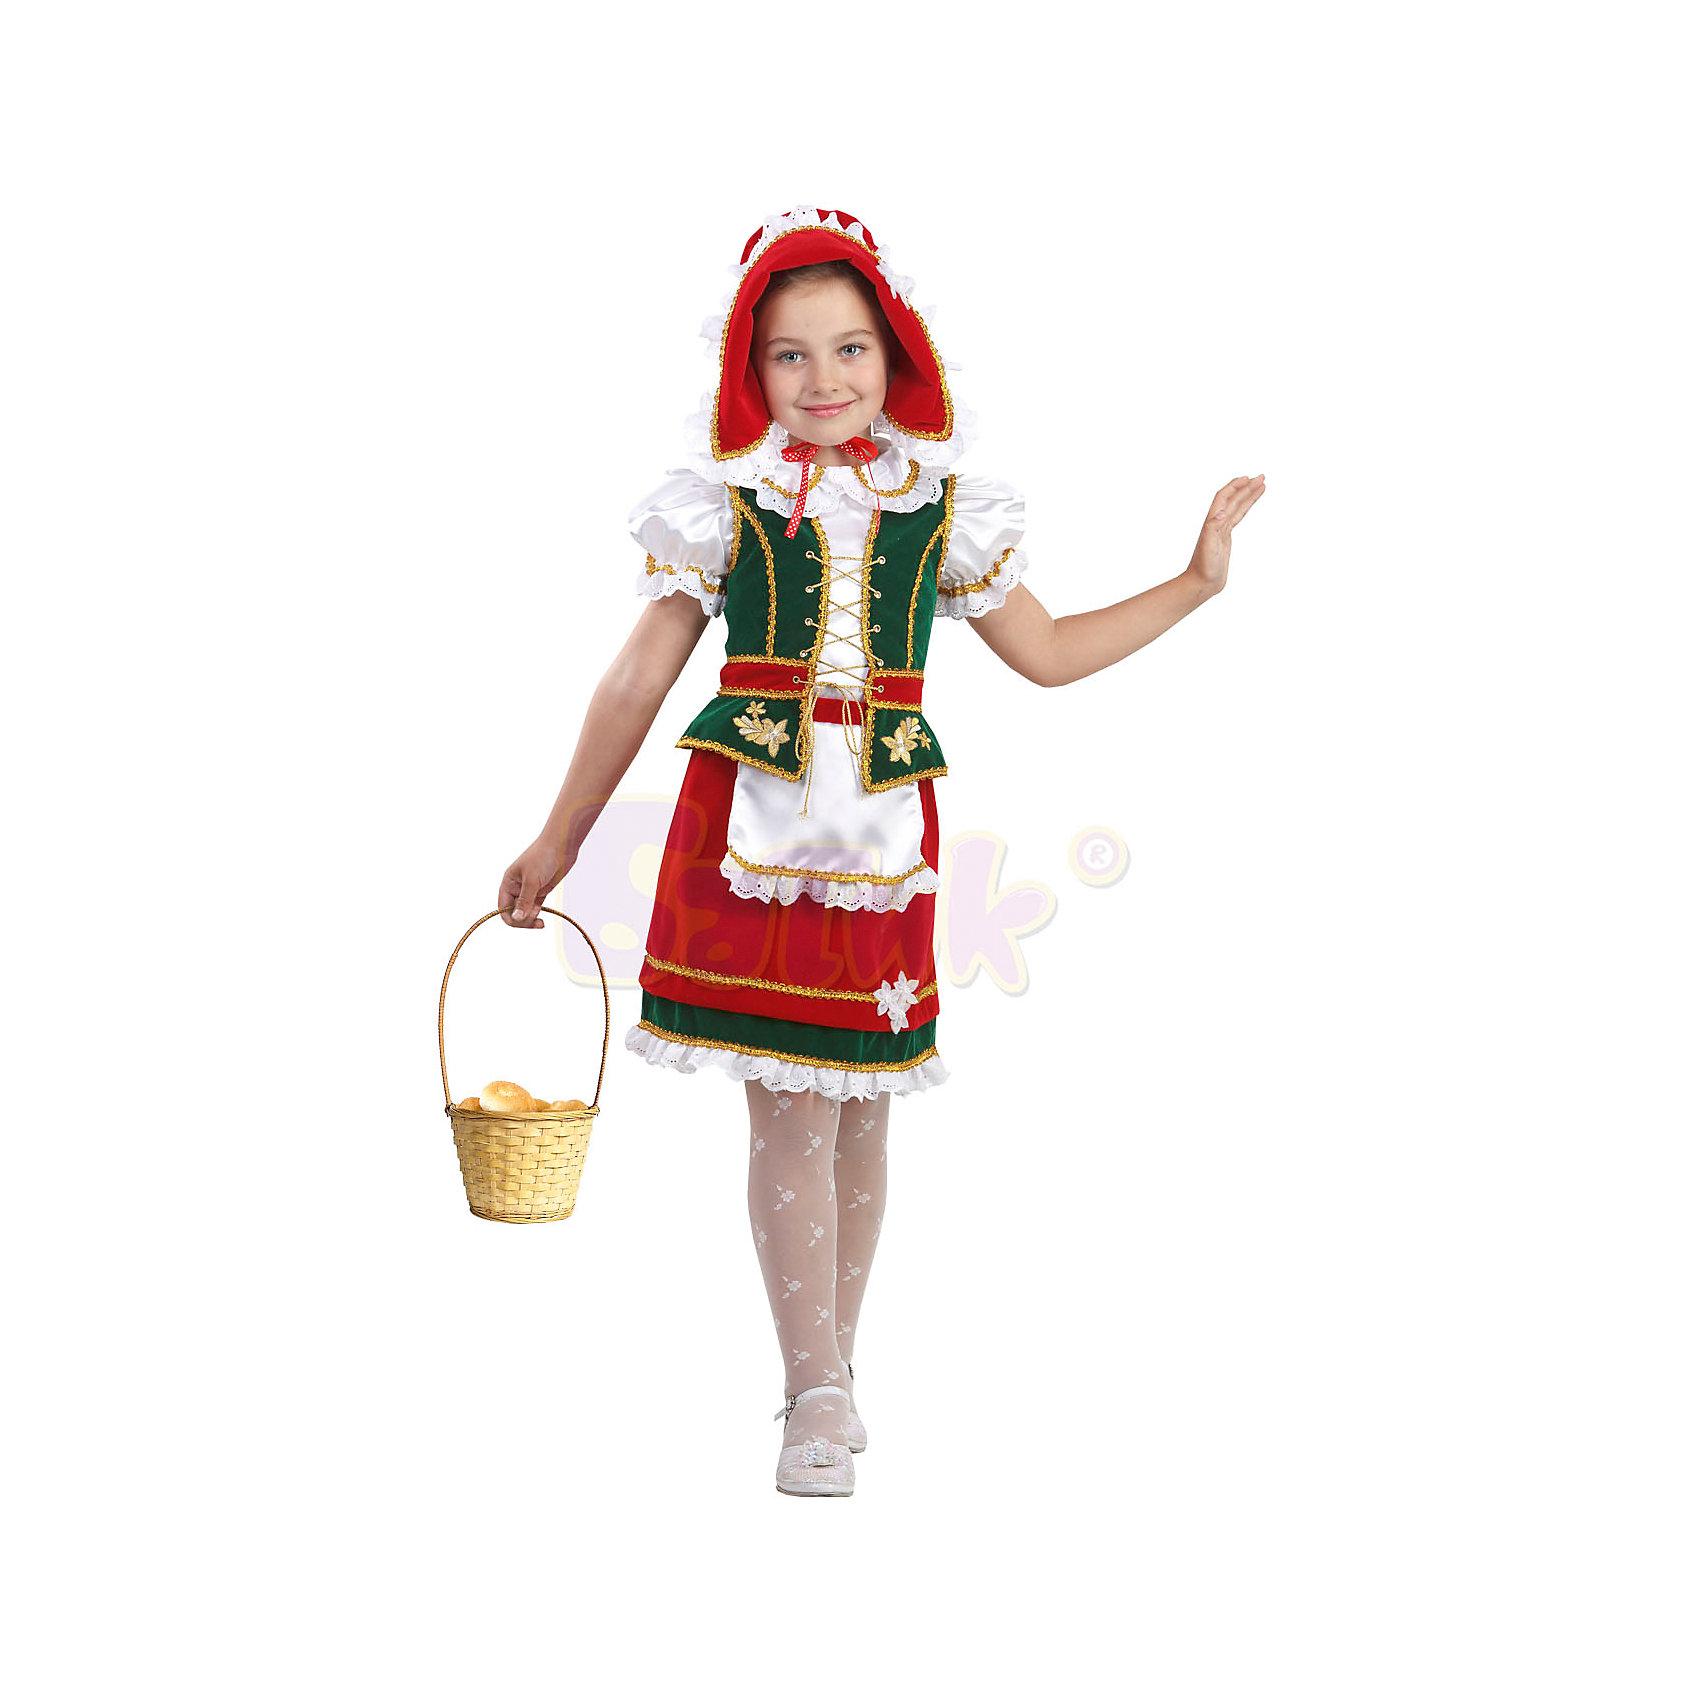 Батик Карнавальный костюм Красная шапочка Звездный маскарад, Батик костюмы красная шапочка к 041